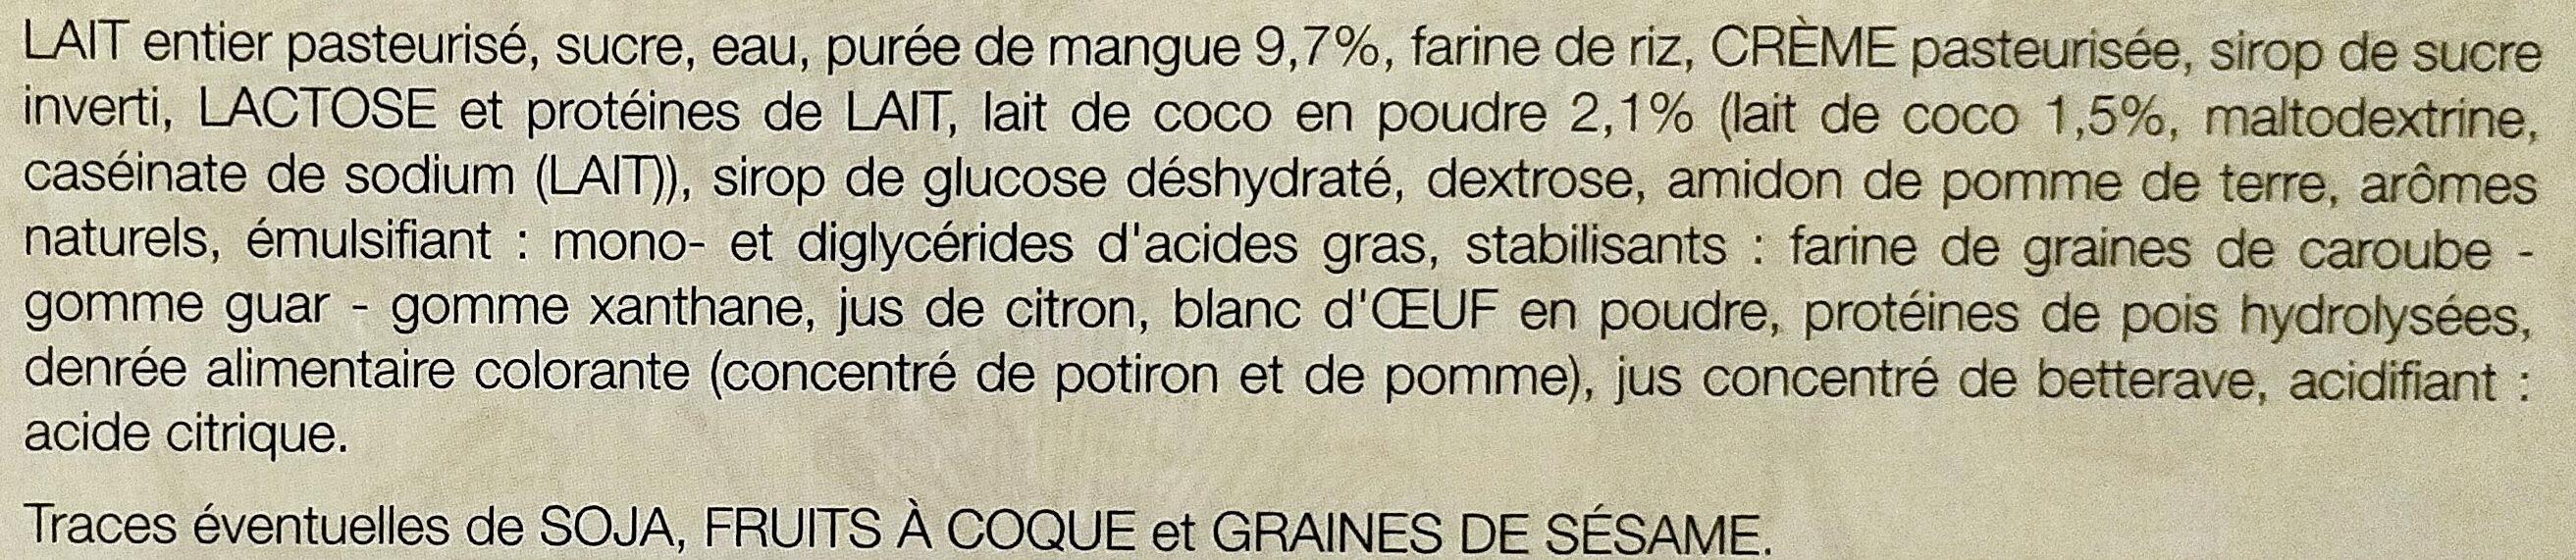 Mochis glacés - Ingrédients - fr